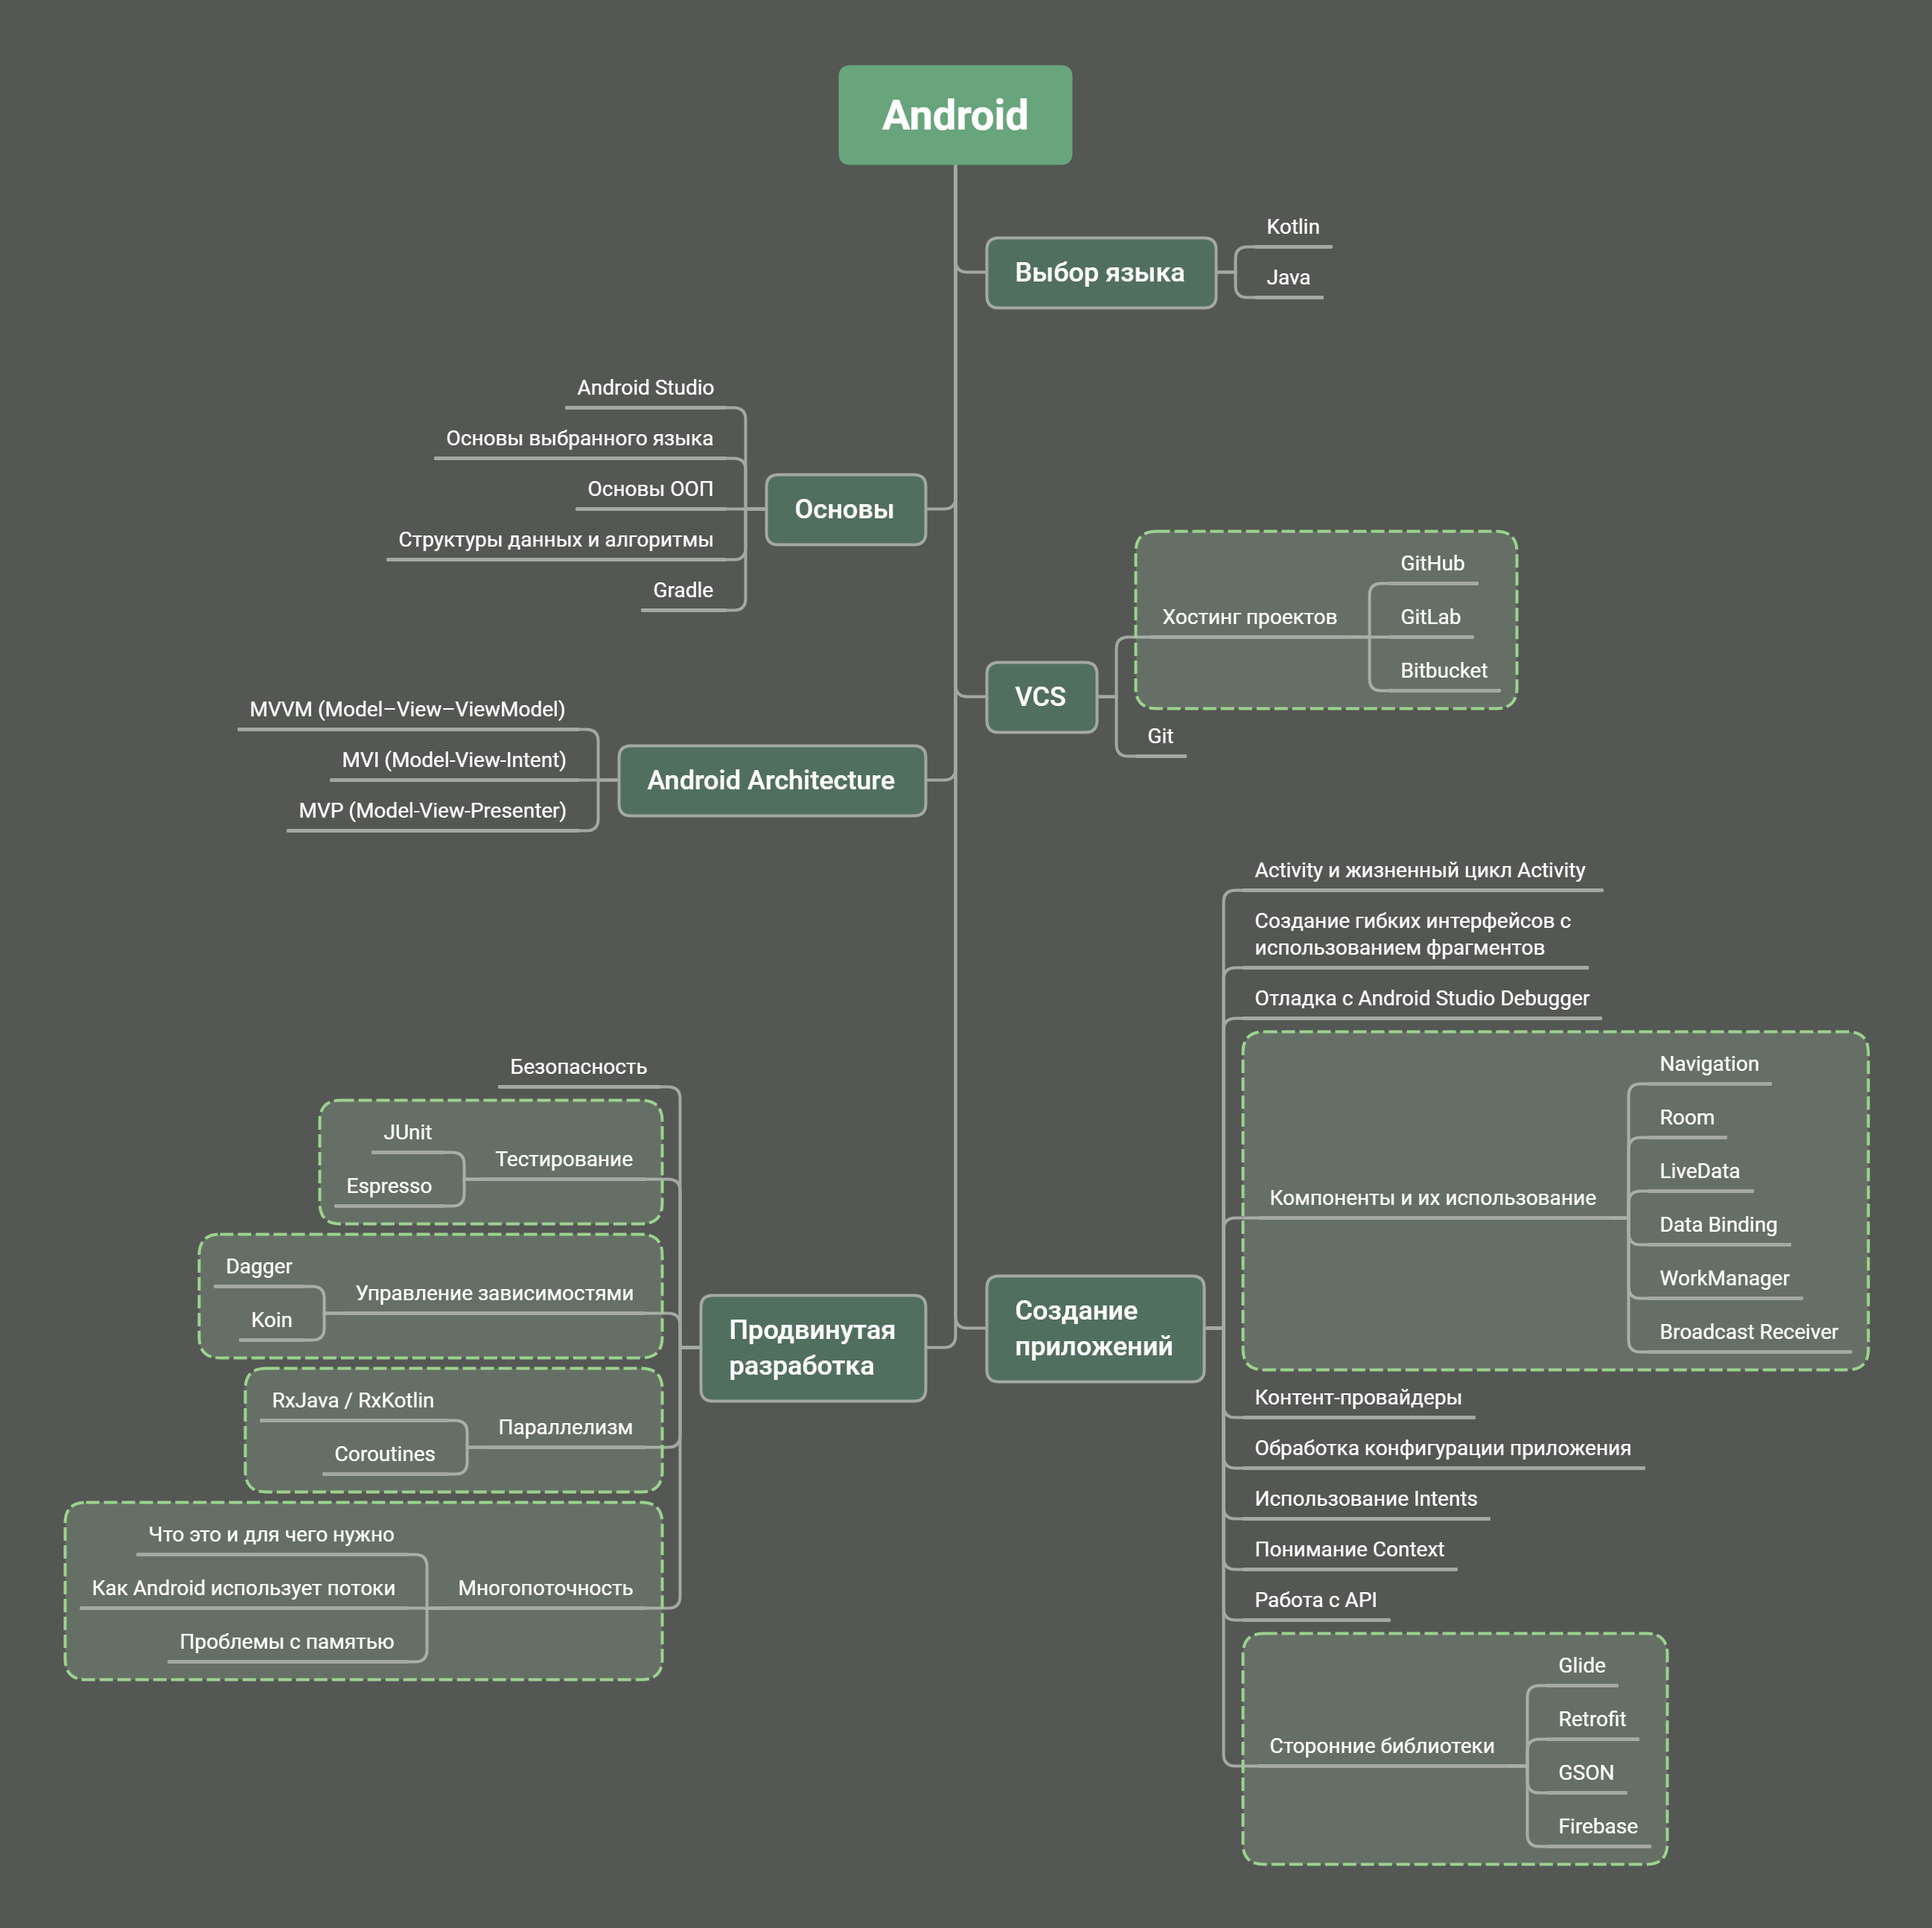 Дорожная карта Android-разработчика